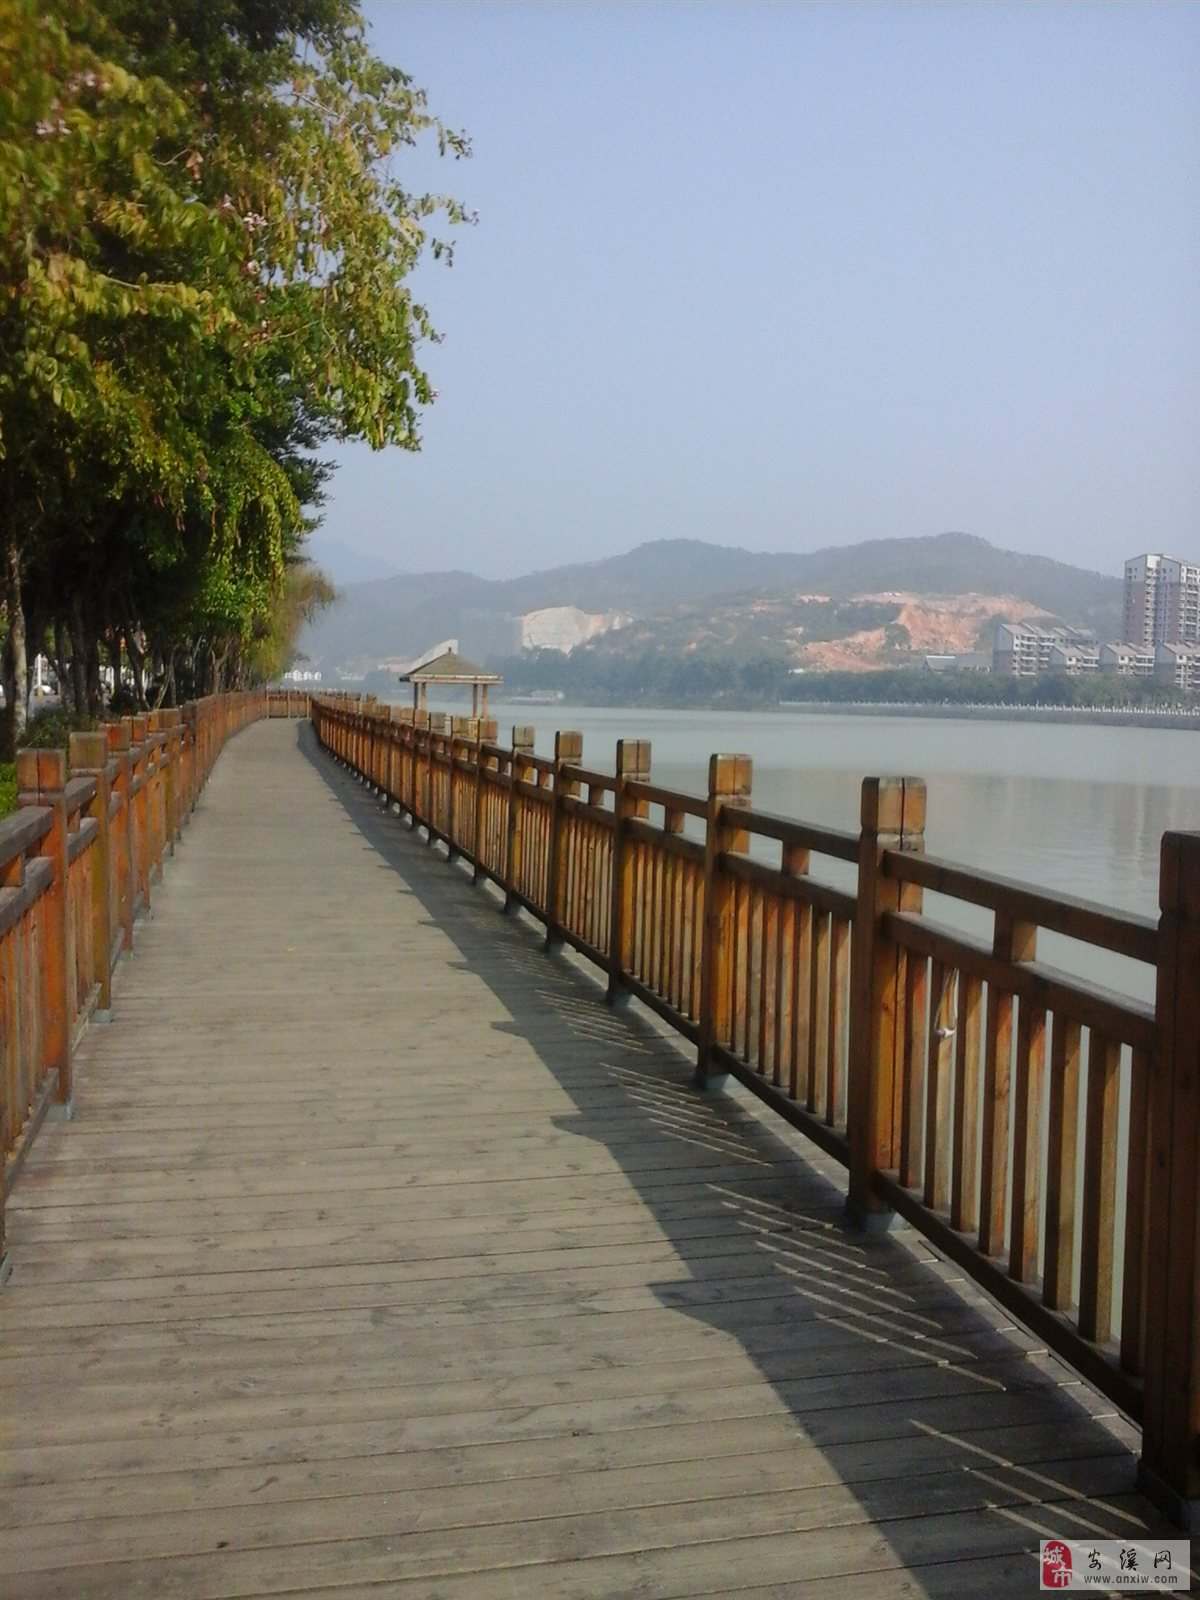 项目位于安溪河滨南路,大龙湖边,水岸第一排,紧邻中国茶都,背靠安溪